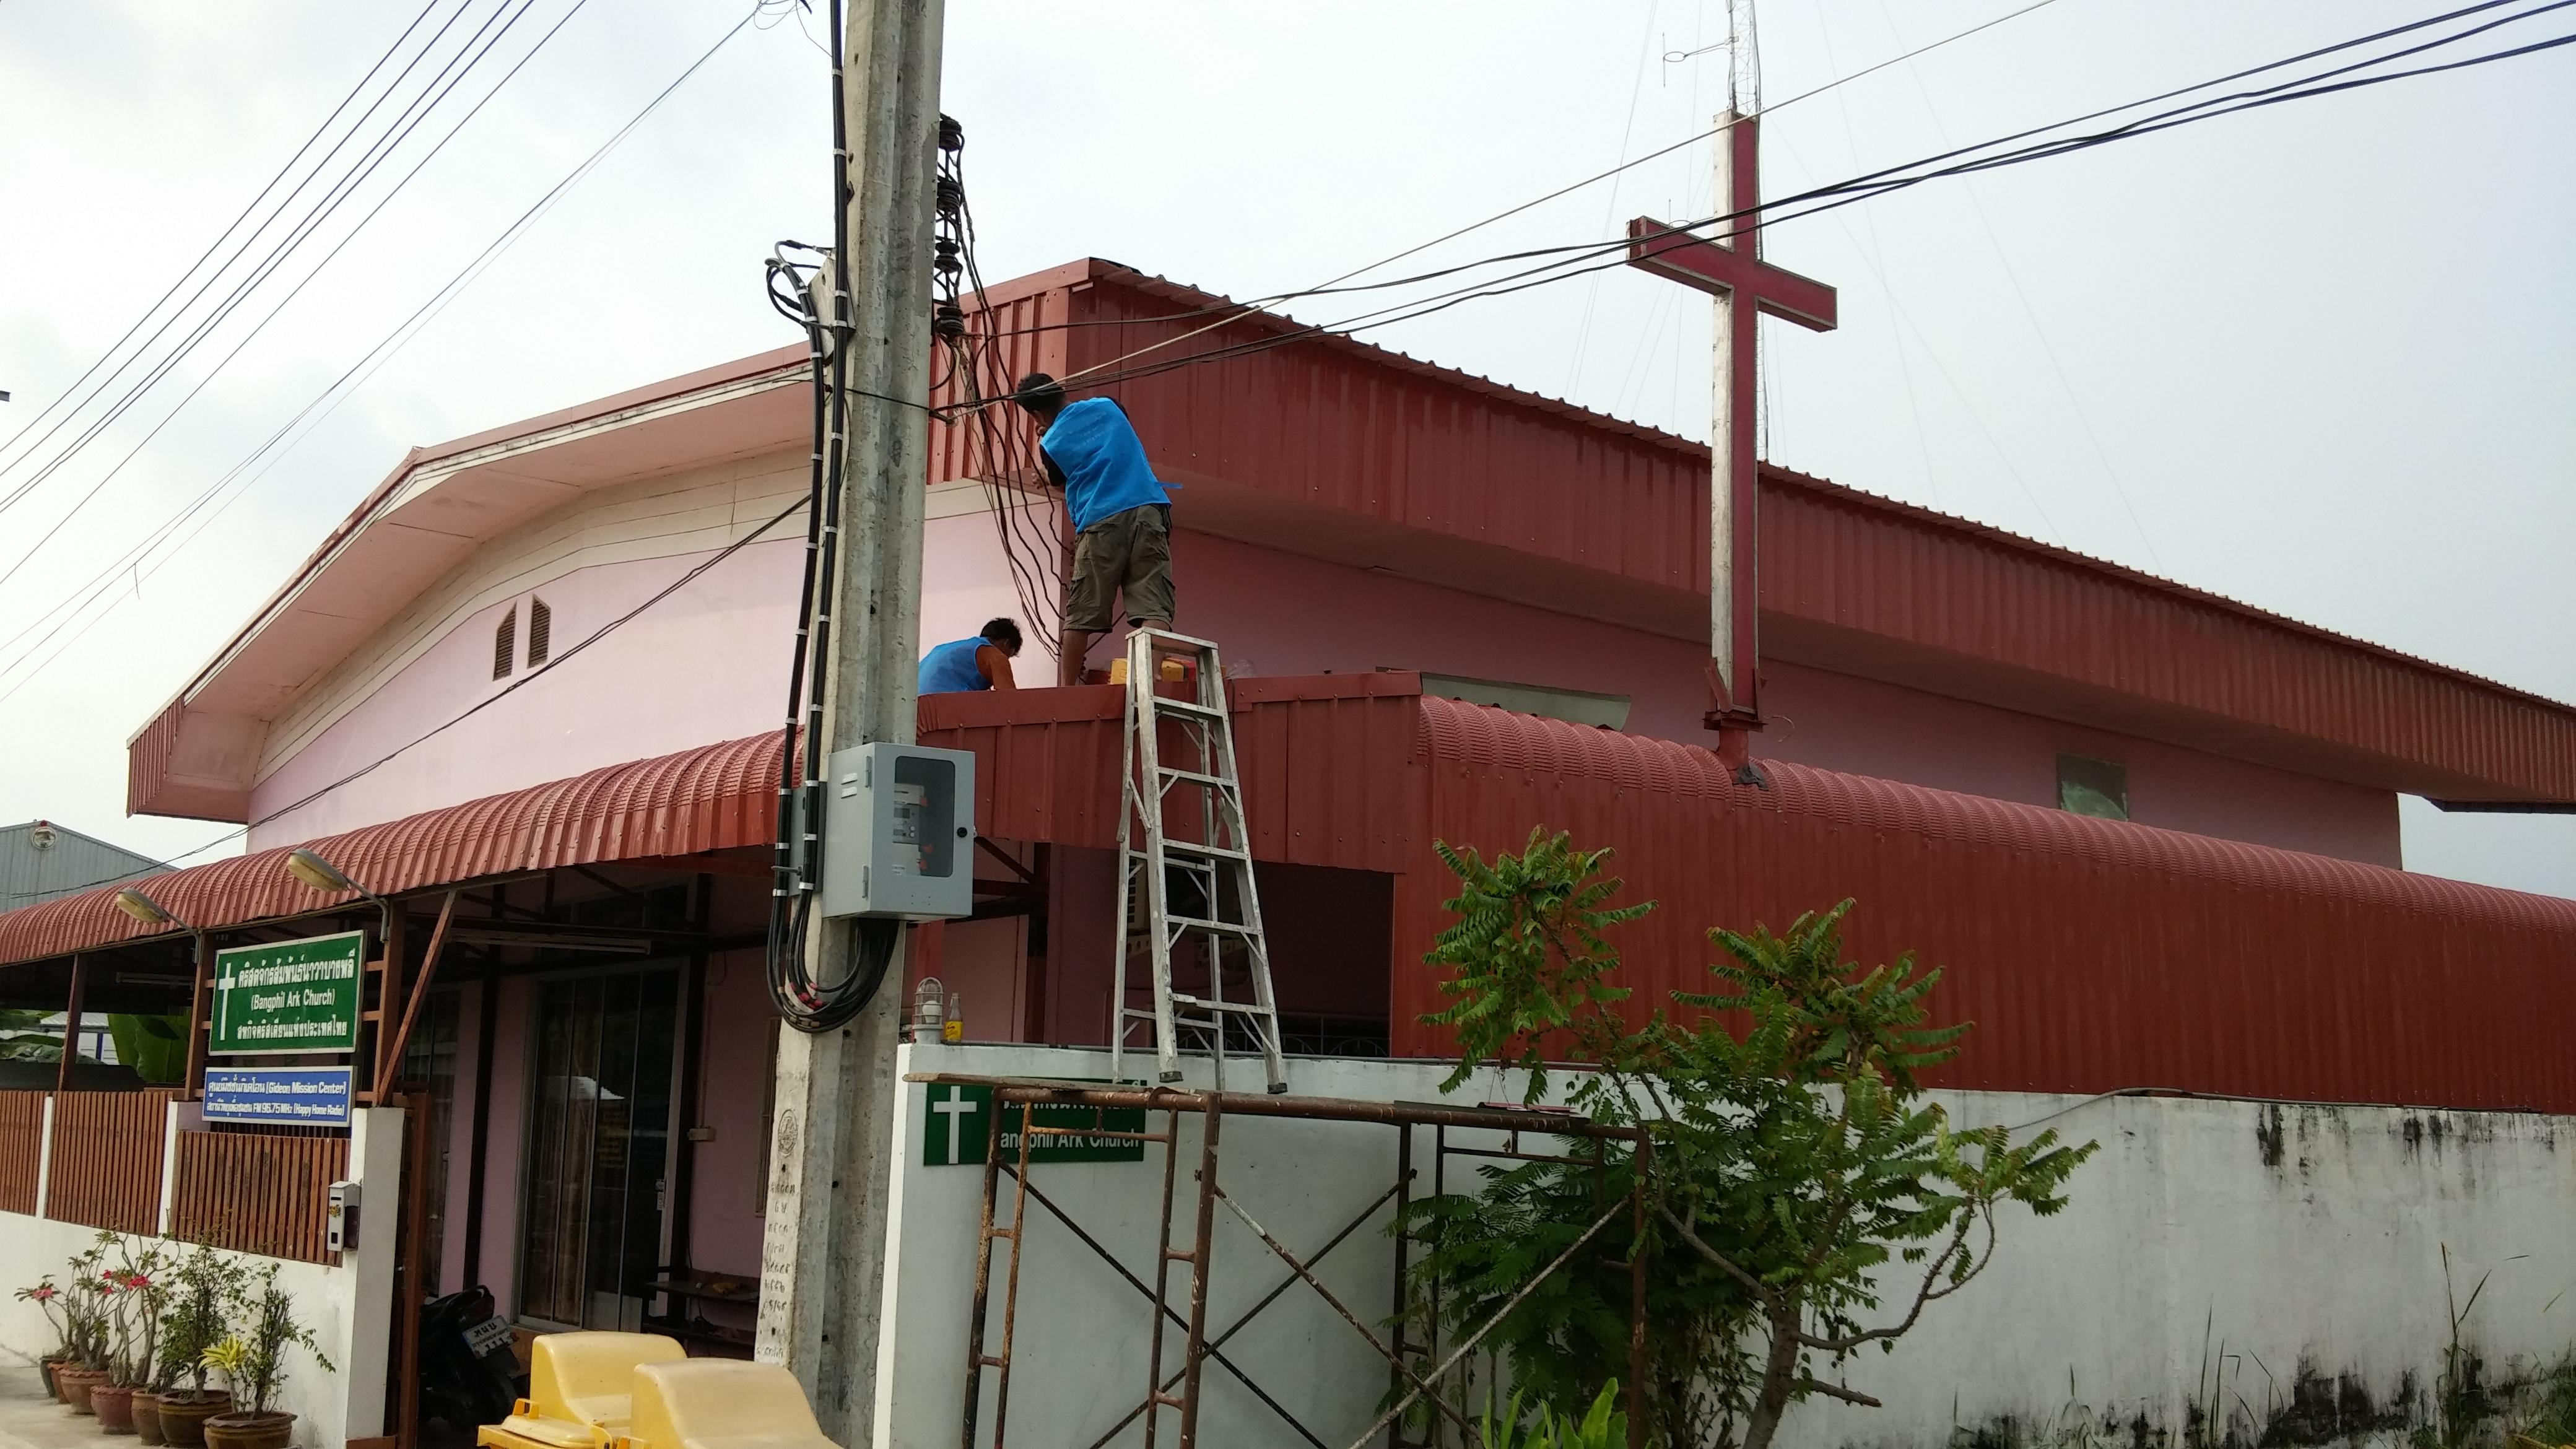 180126_05방프리방주교회 지붕개량공사  (4).jpg